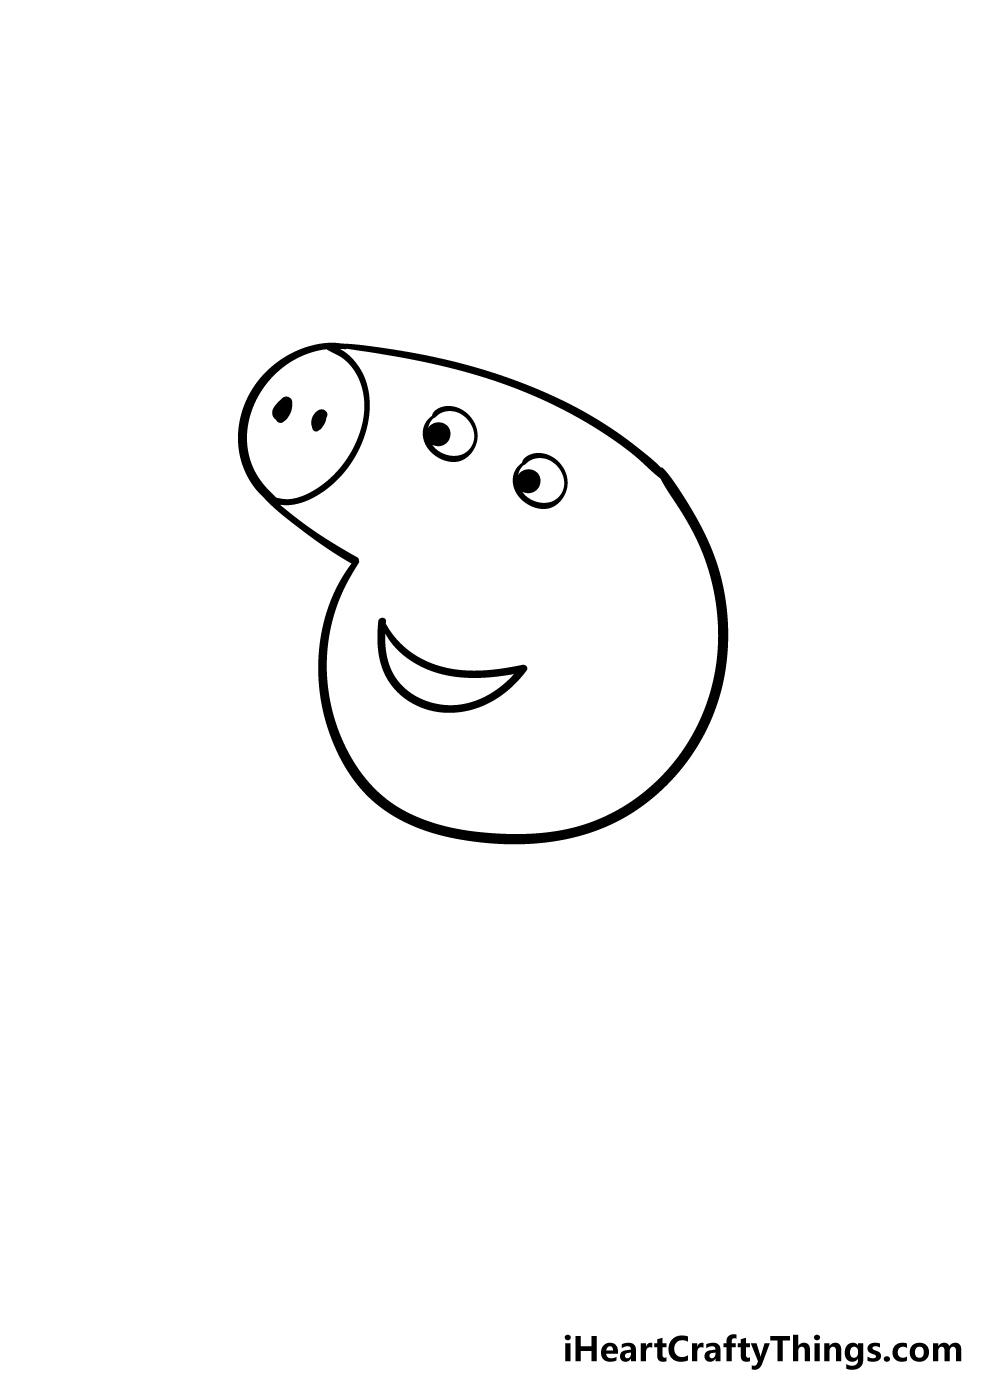 peppa pig drawing step 2